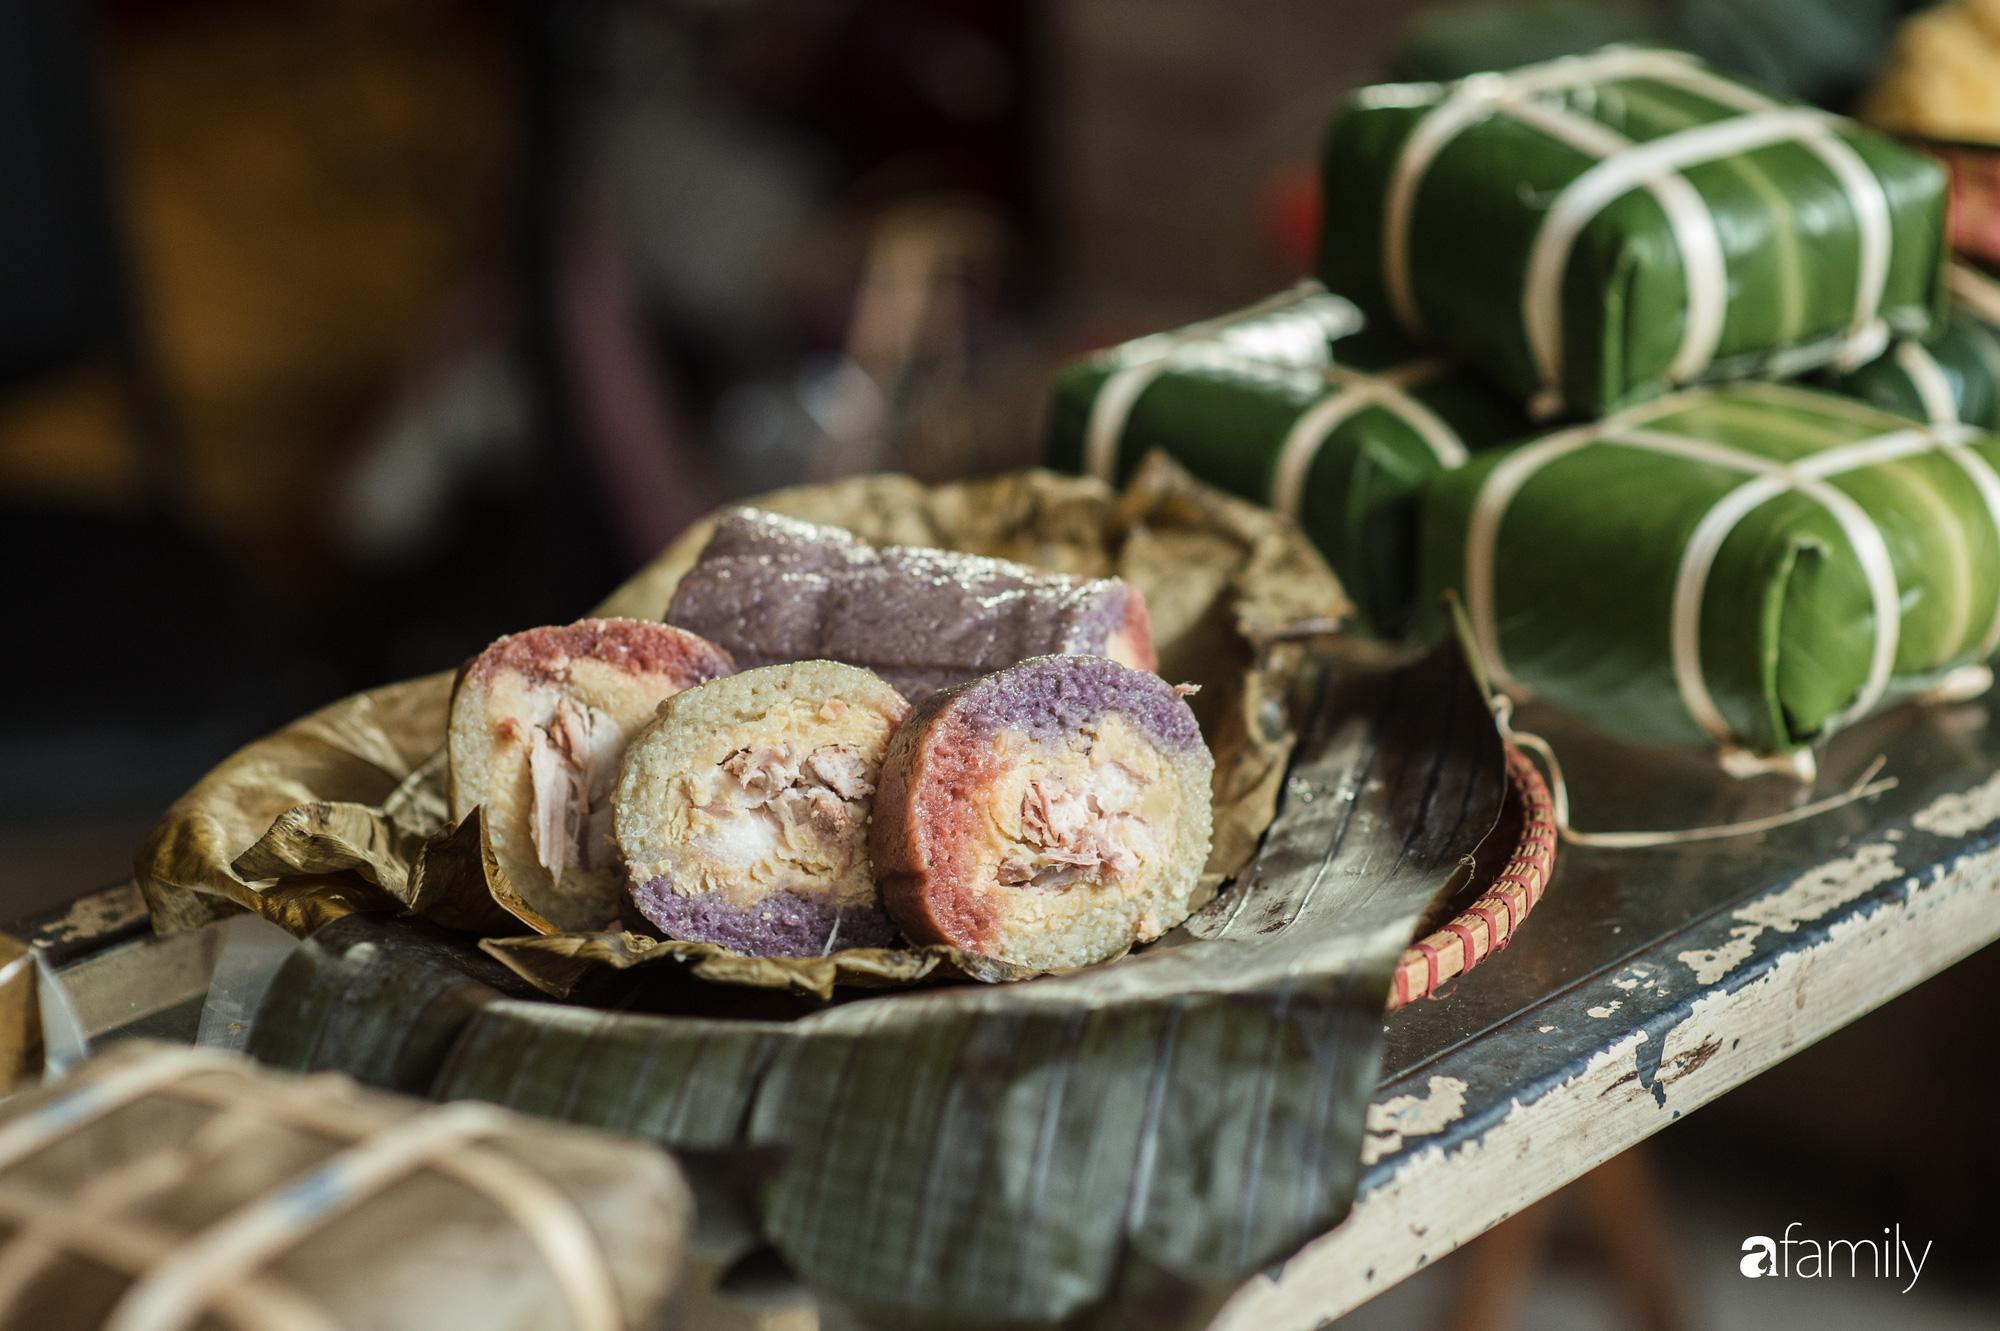 Bánh chưng, bánh tét - tinh hoa nghìn năm lúa nước trên bàn thờ Việt và những biến thể duyên dáng thời hiện đại - Ảnh 14.